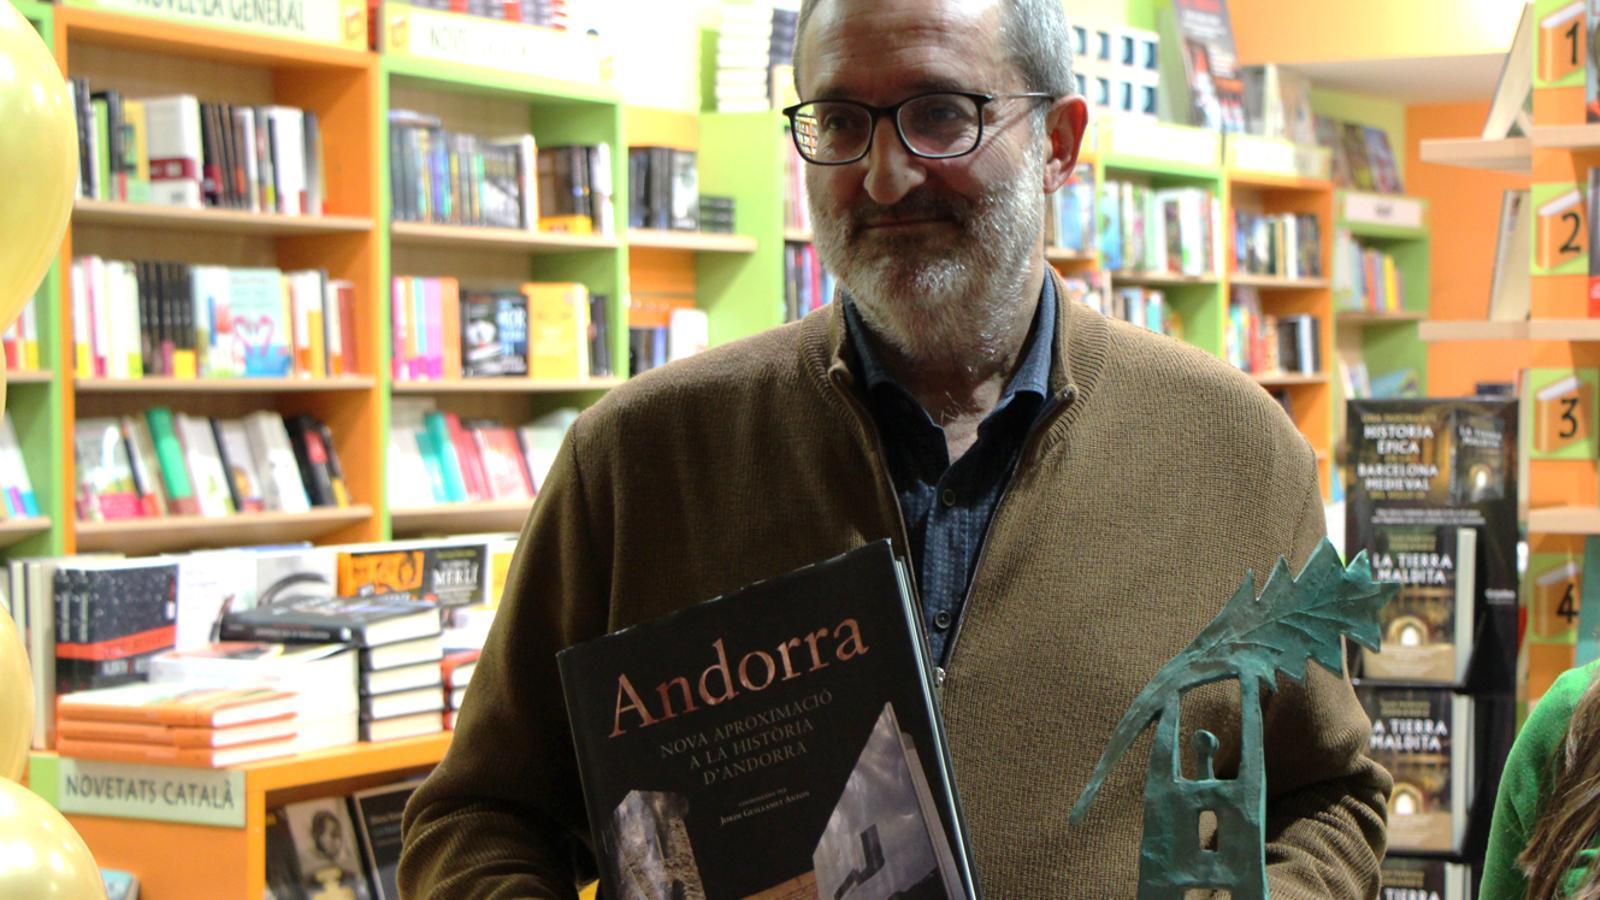 Jordi Guillamet recull el premi atorgat per la llibreria Llibre Idees. / M. M. (ANA)